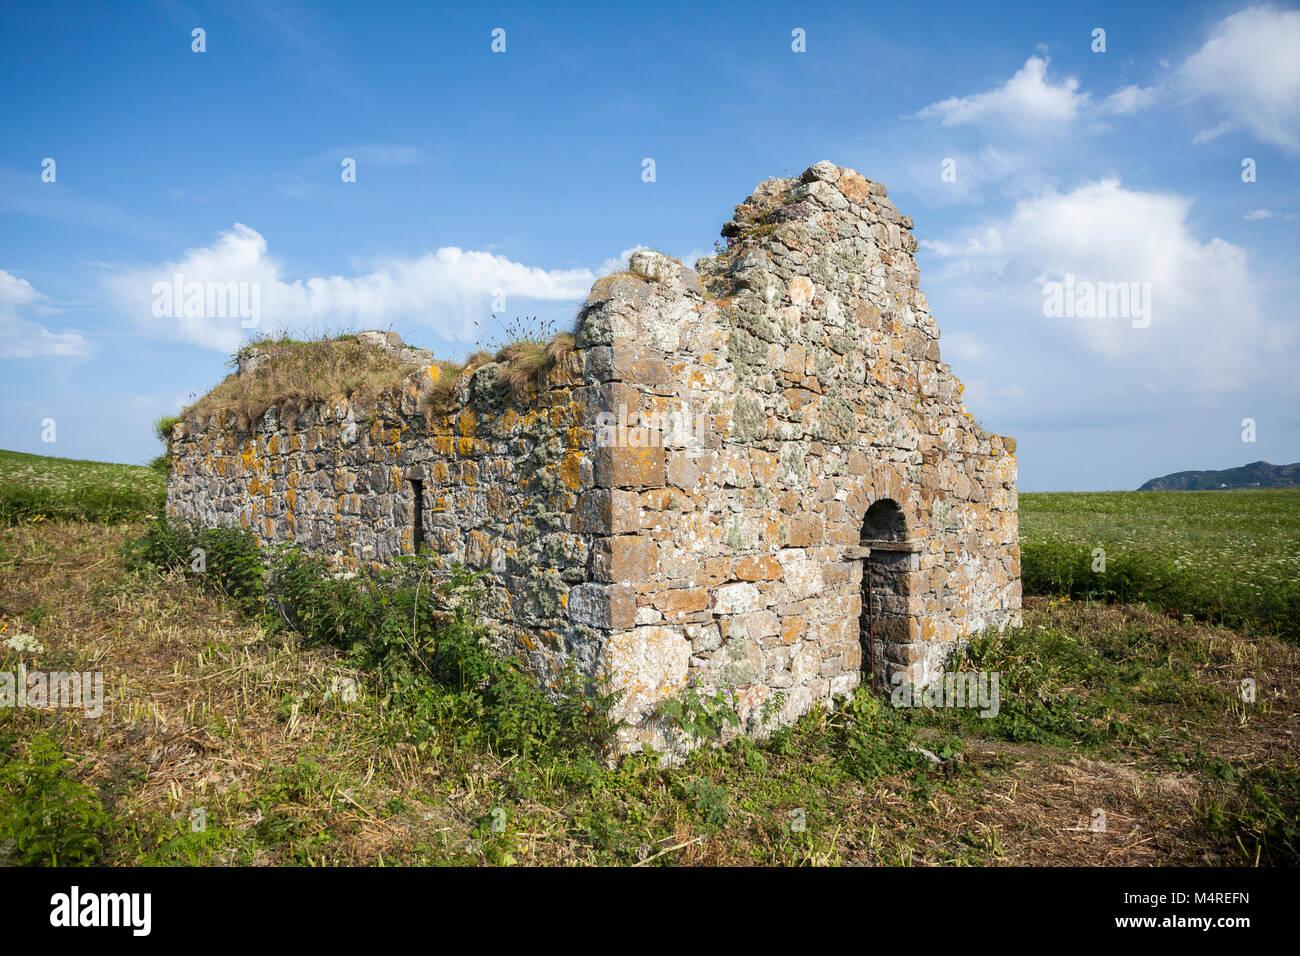 The ruins of St. Nessan's Church, Ireland's Eye, Howth Head, County Dublin, Ireland. - Stock Image